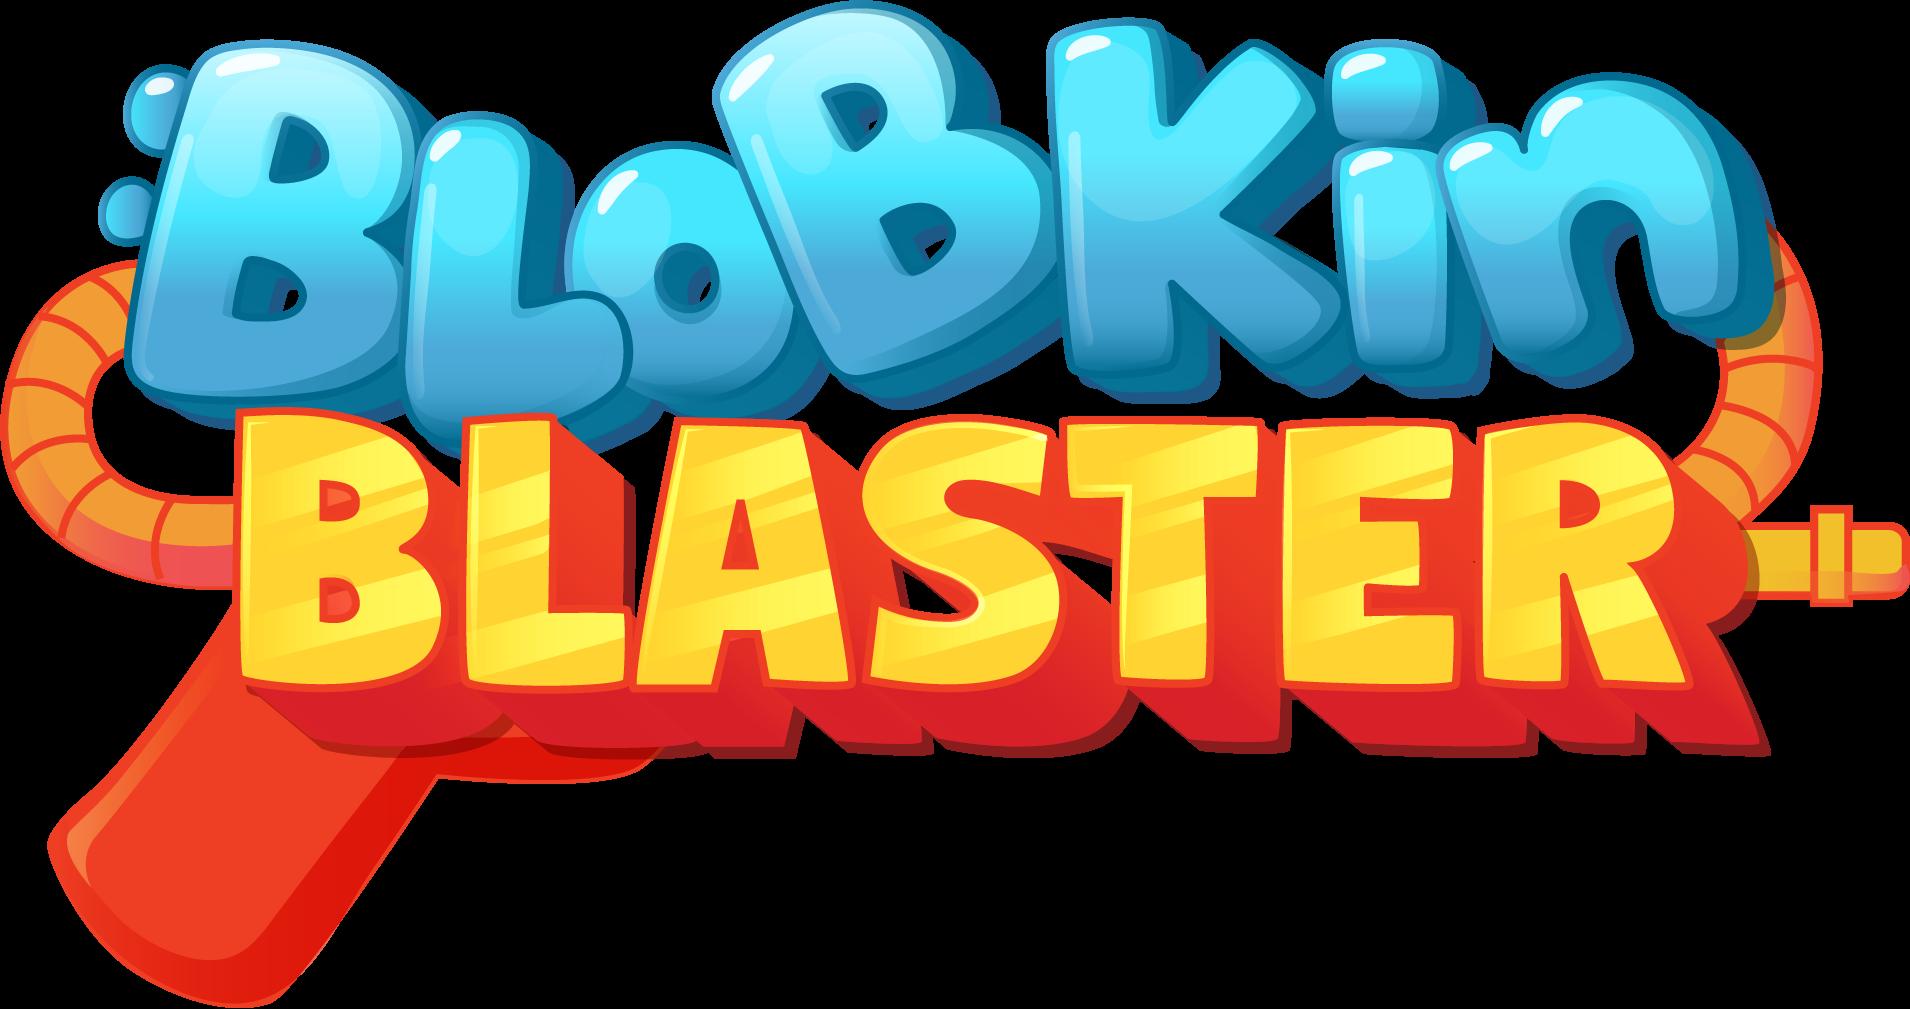 blobkin_blaster_logo.png